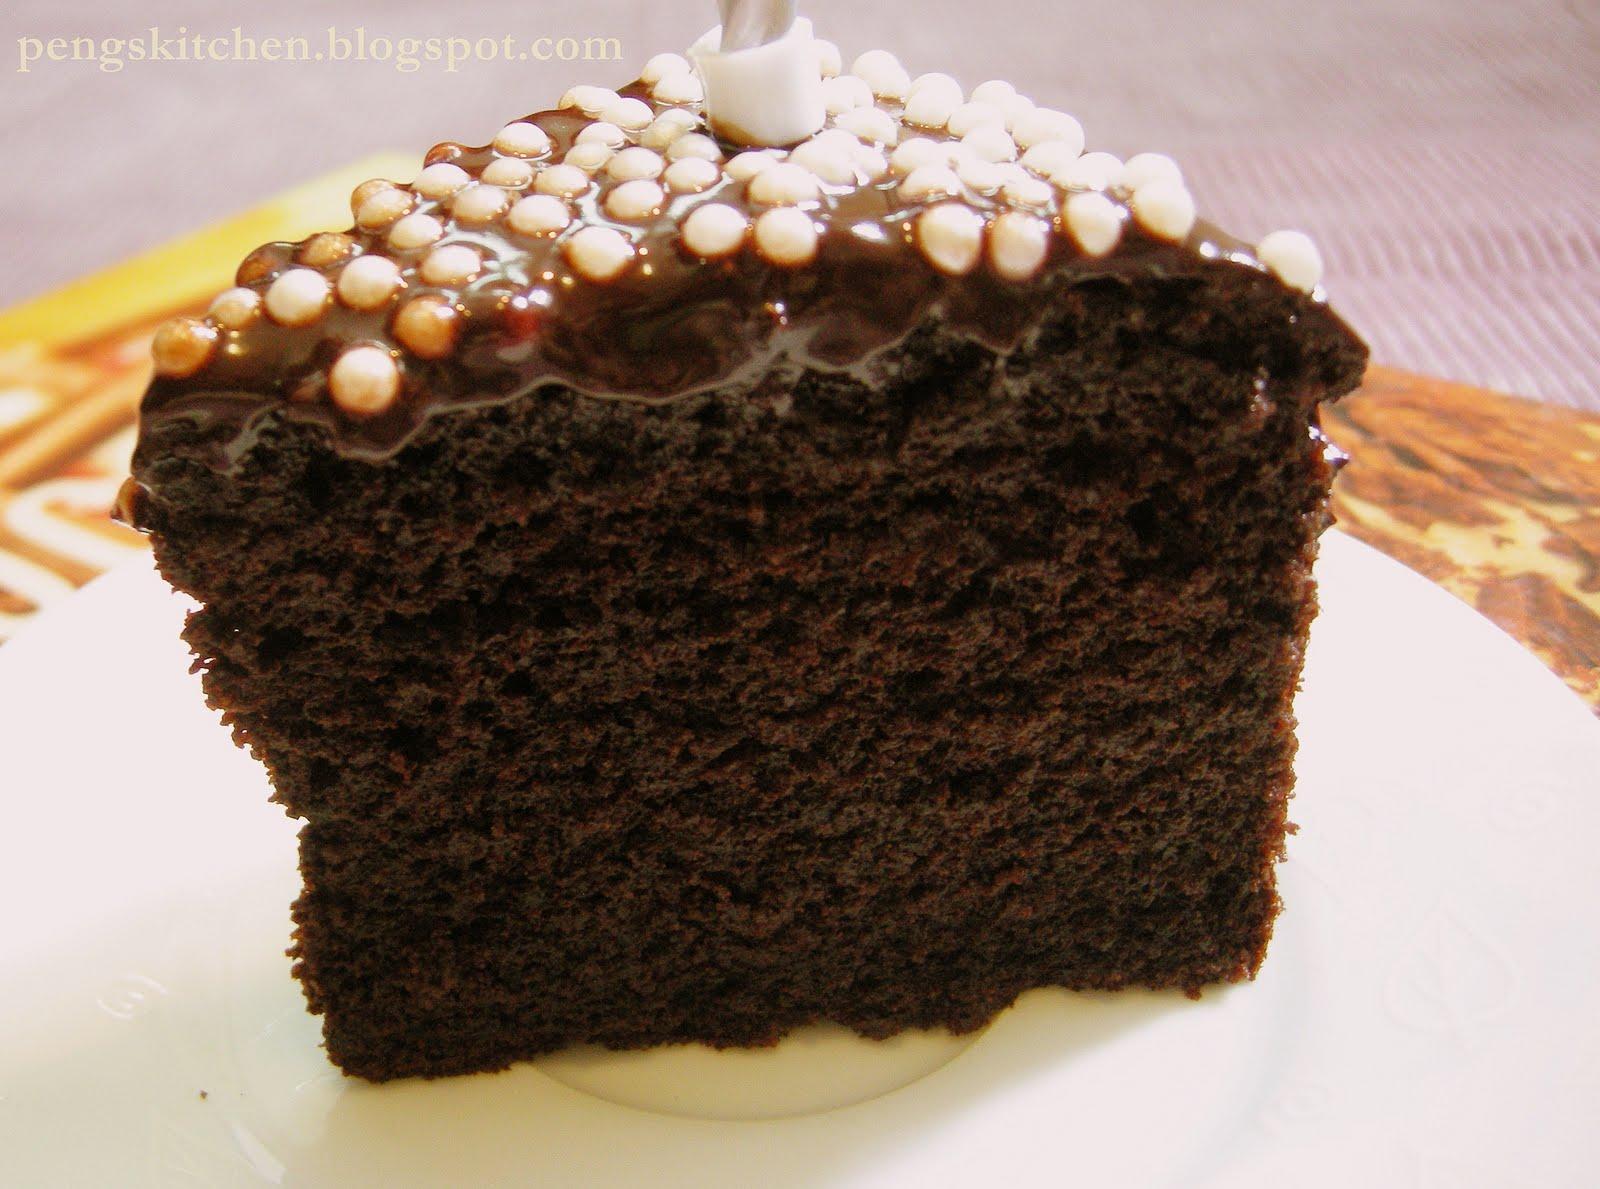 Peng s Kitchen: Chocolate Mud Cake